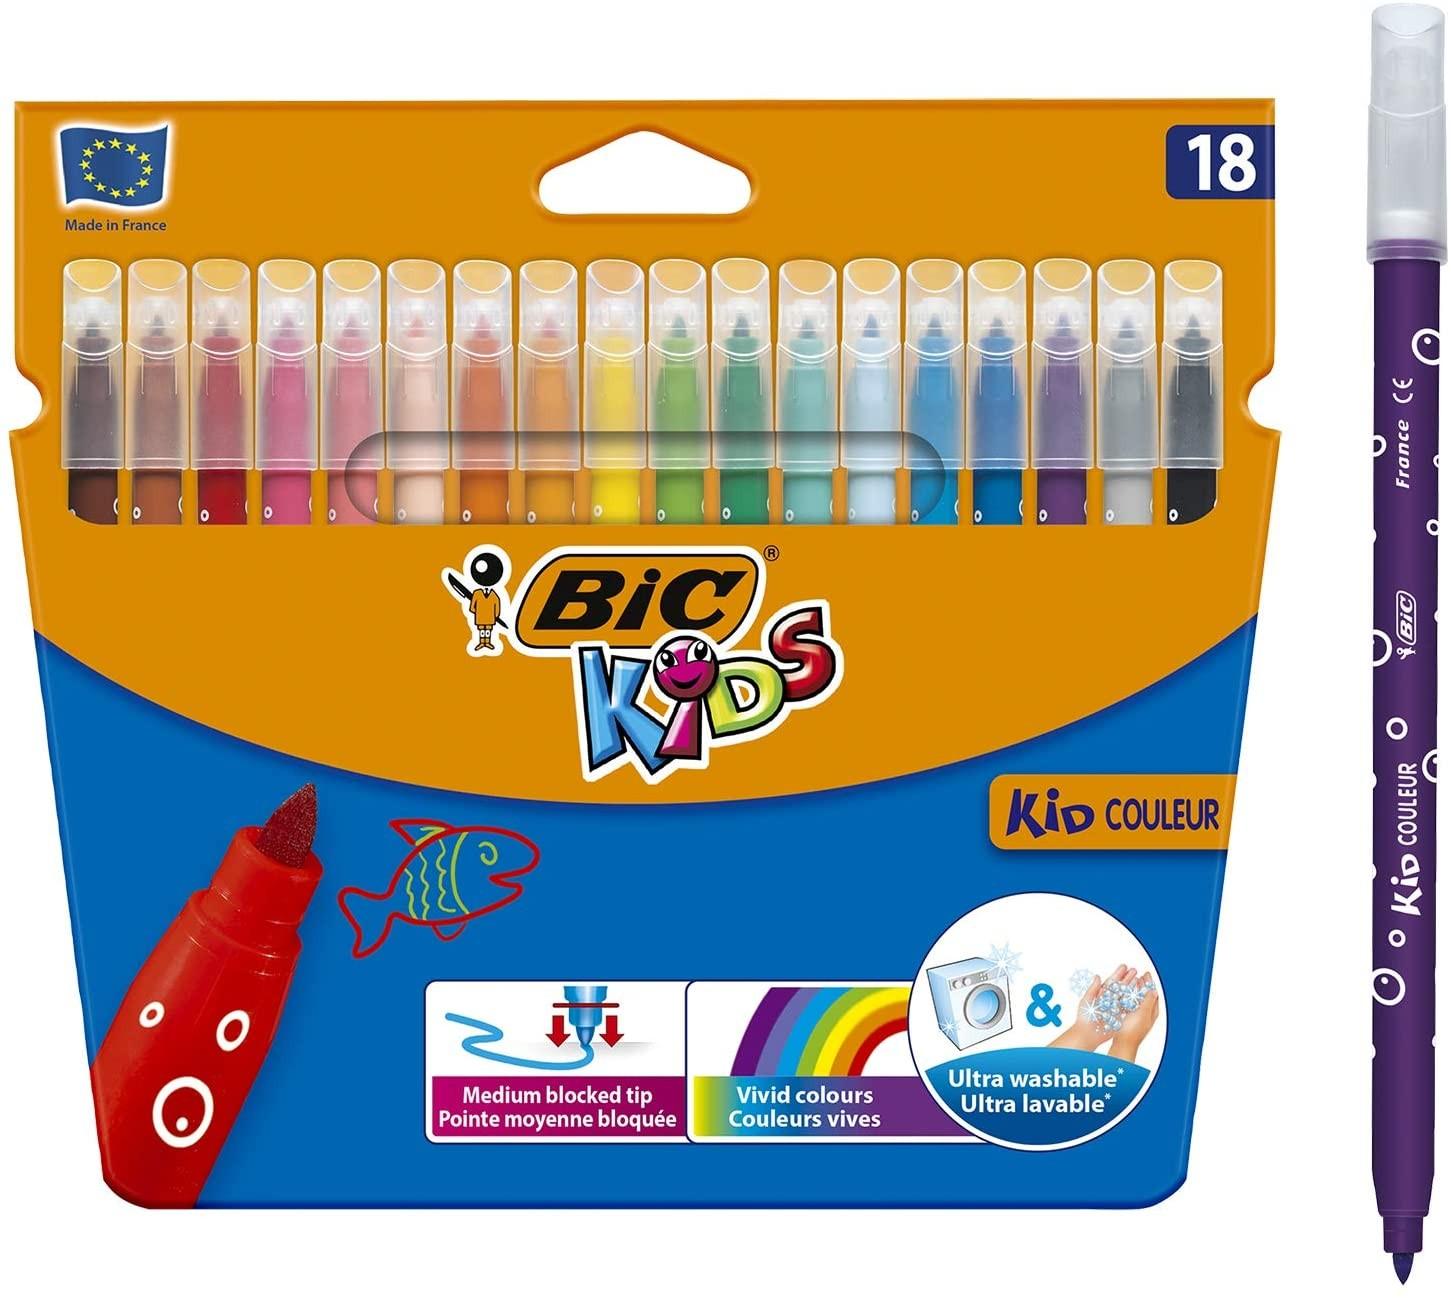 Bic Kids Colour Felt Pen 18's